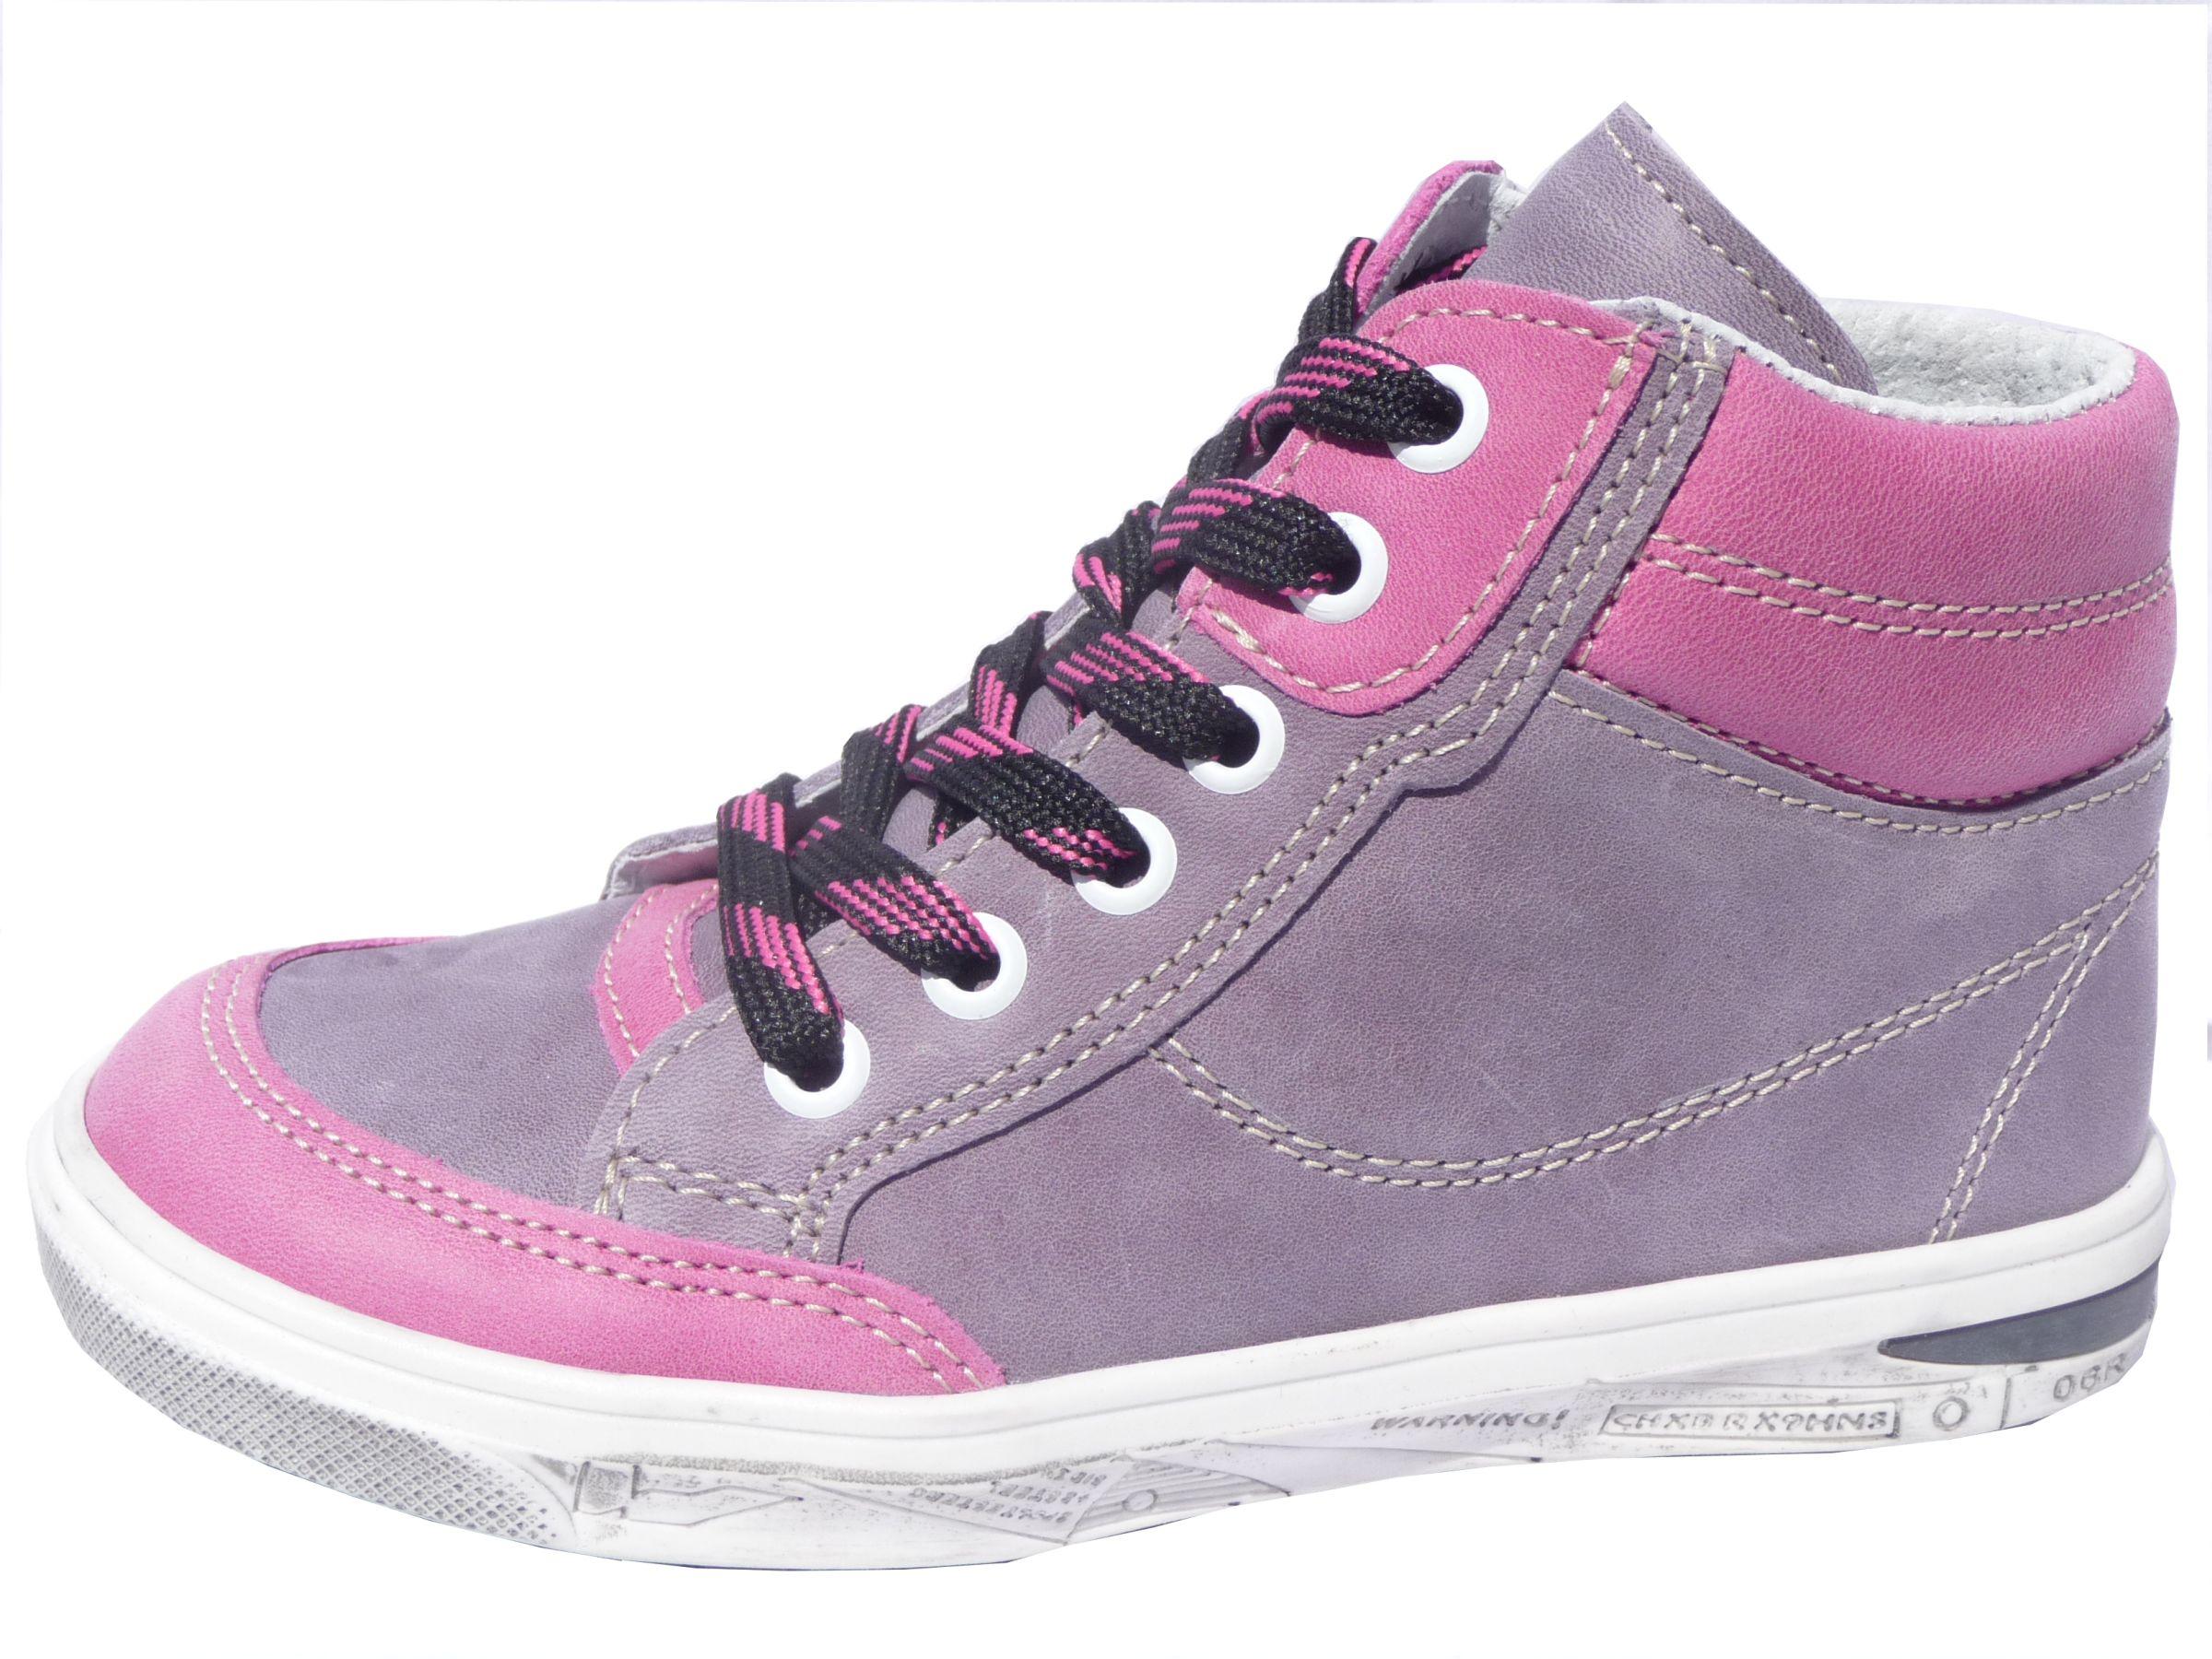 Podzim 2015 – novinkou firmy JONAP je výroba celoroční obuvi až do  velikosti 32 !!! Kompletní nabídku celoroční obuvi můžete shlédnout ... a33c214e31